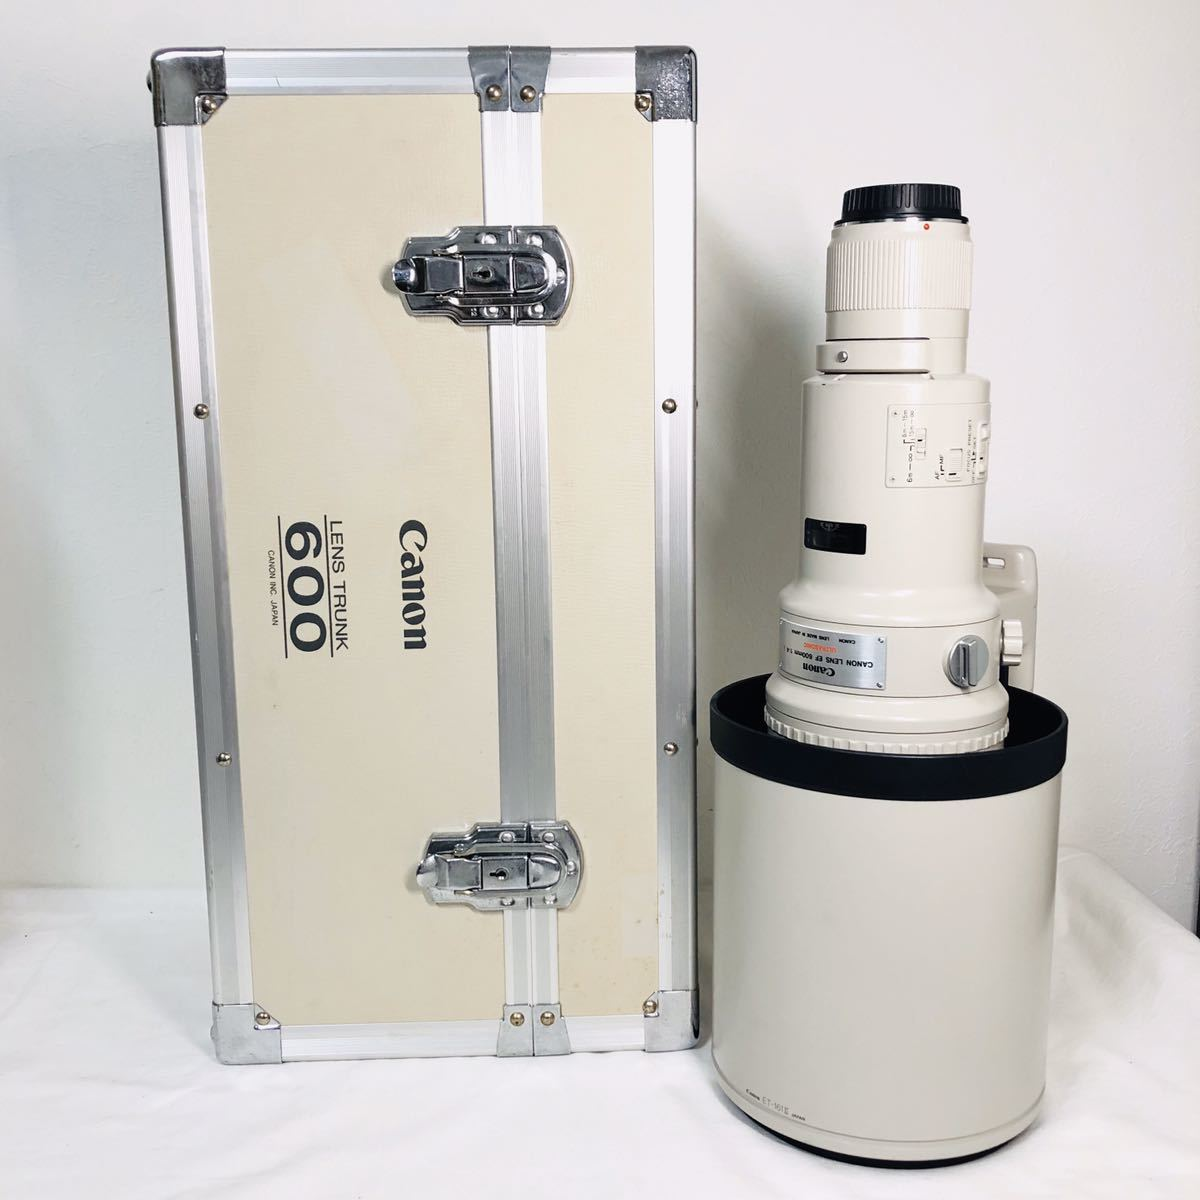 Canon Lens EF 600mm F4L USM キャノン ultrasonic monitor レンズ 望遠 i2359